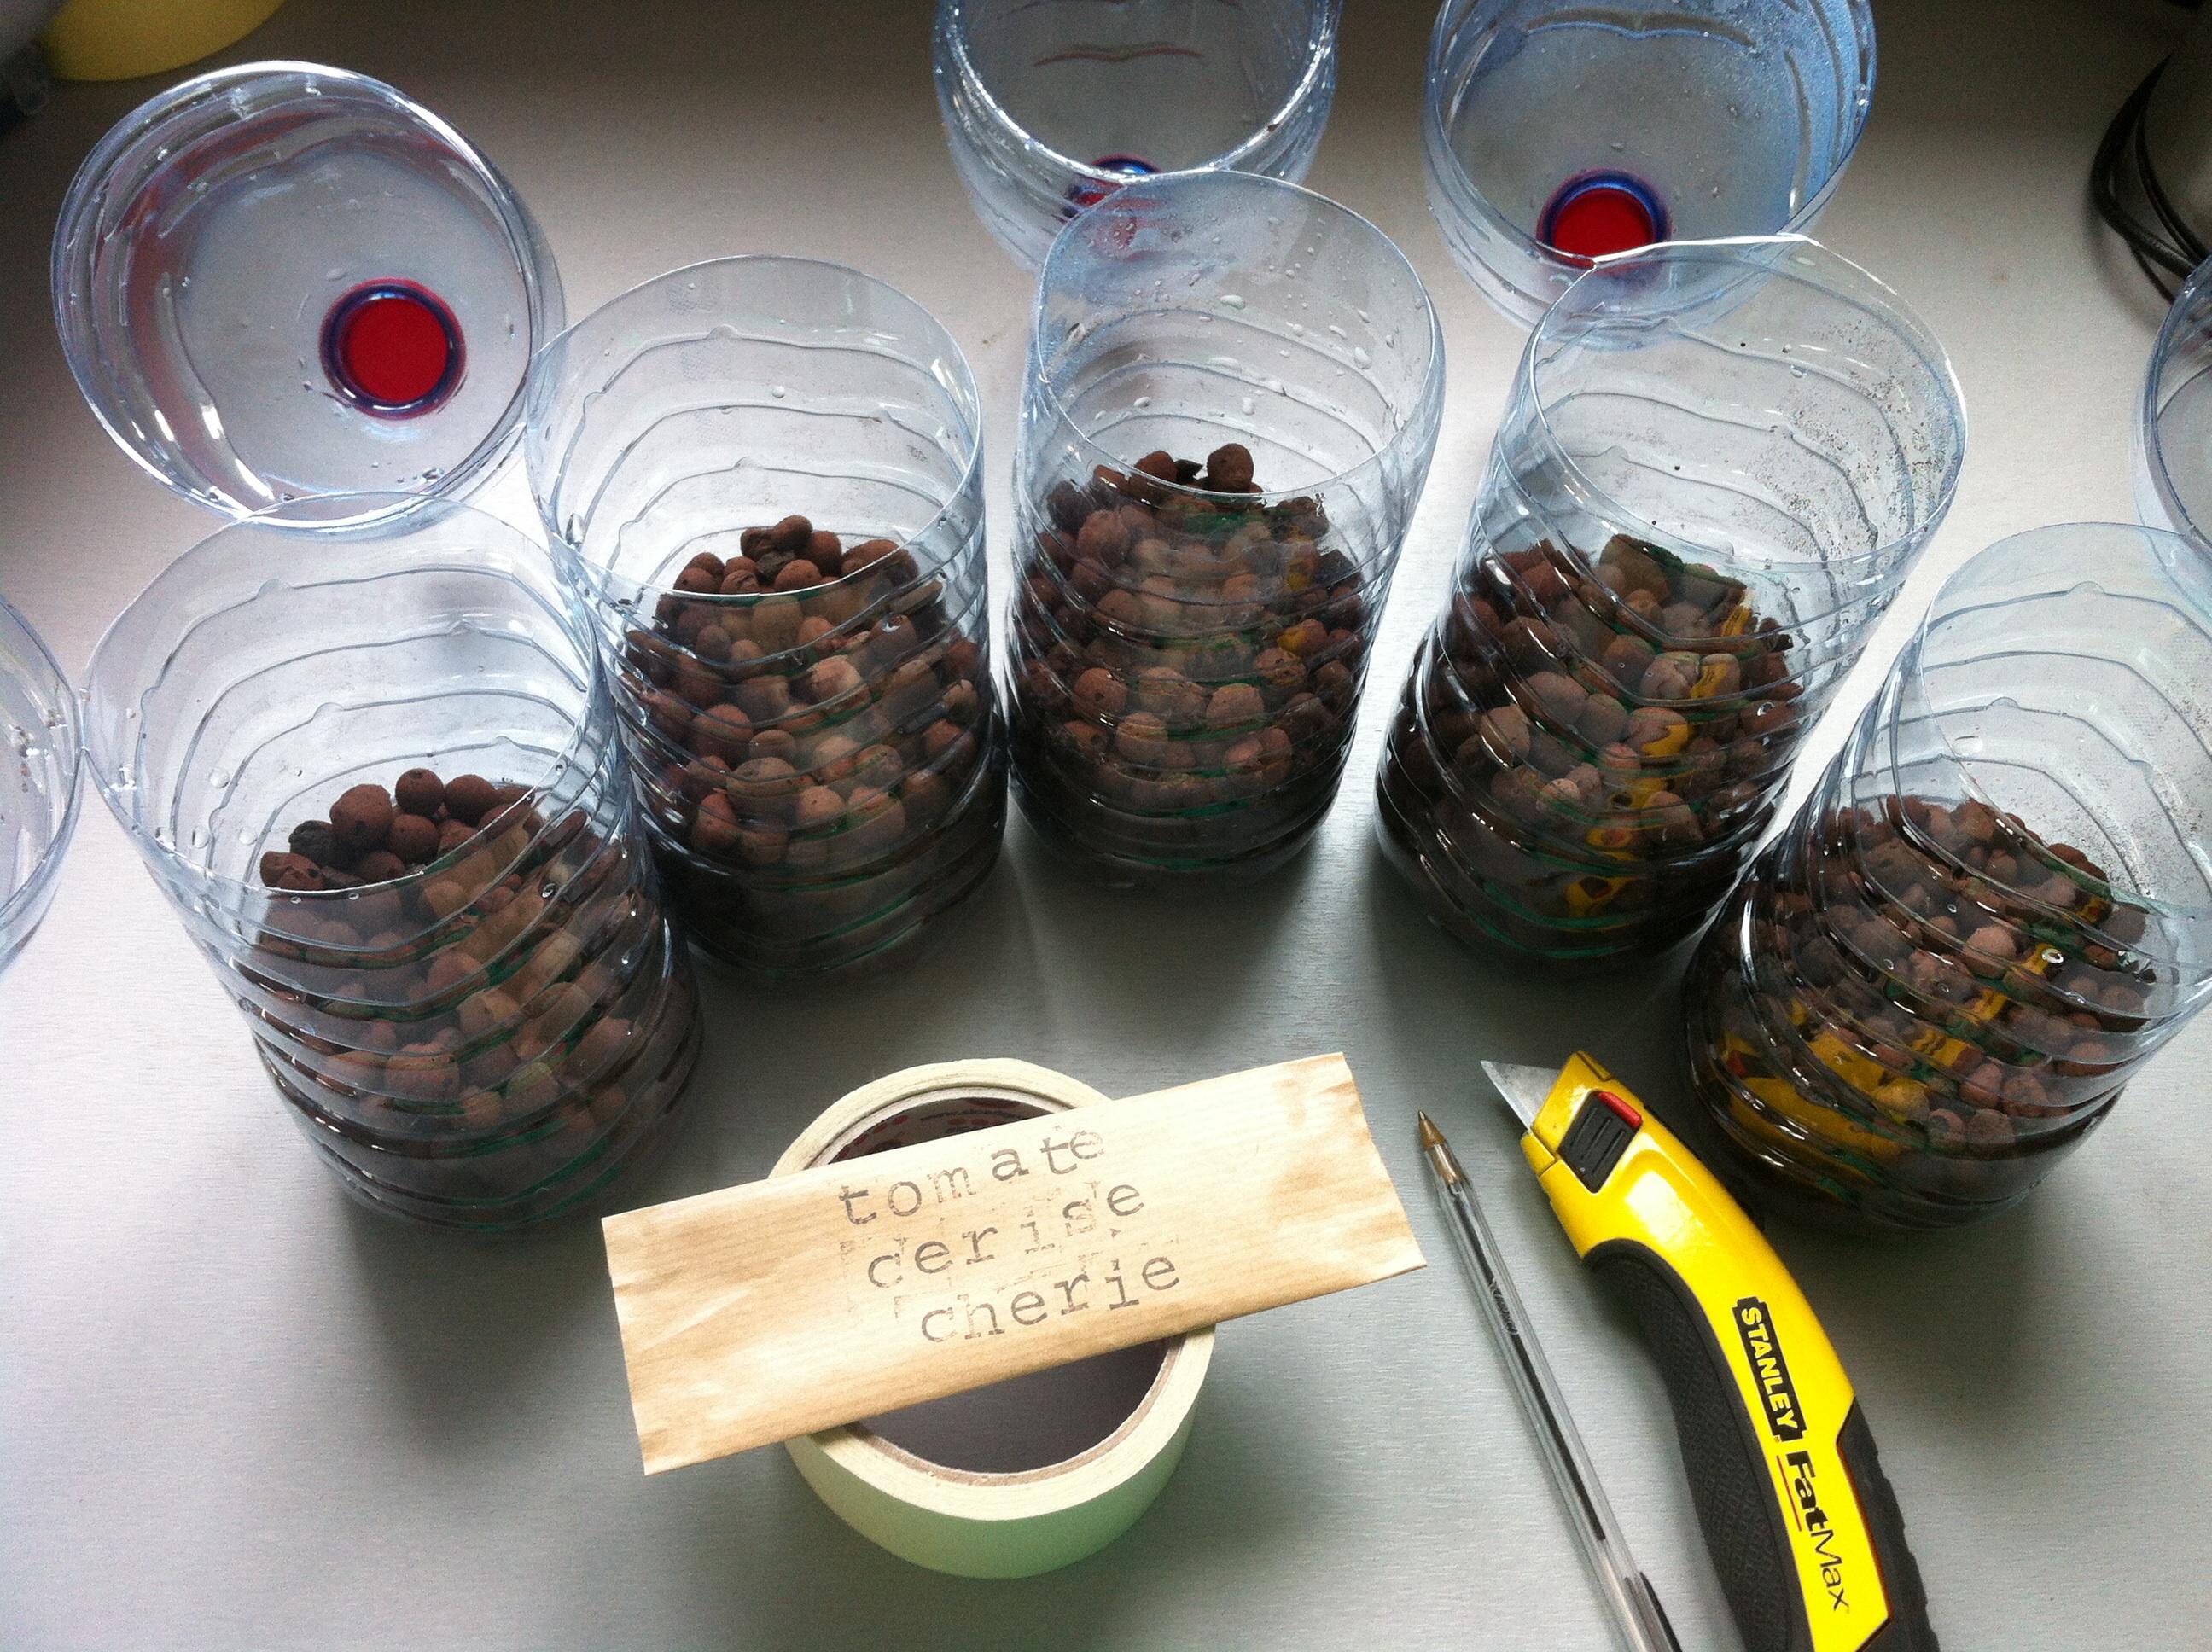 nouvelle m thode pour mon semis de tomates en bouteille envie de nature. Black Bedroom Furniture Sets. Home Design Ideas